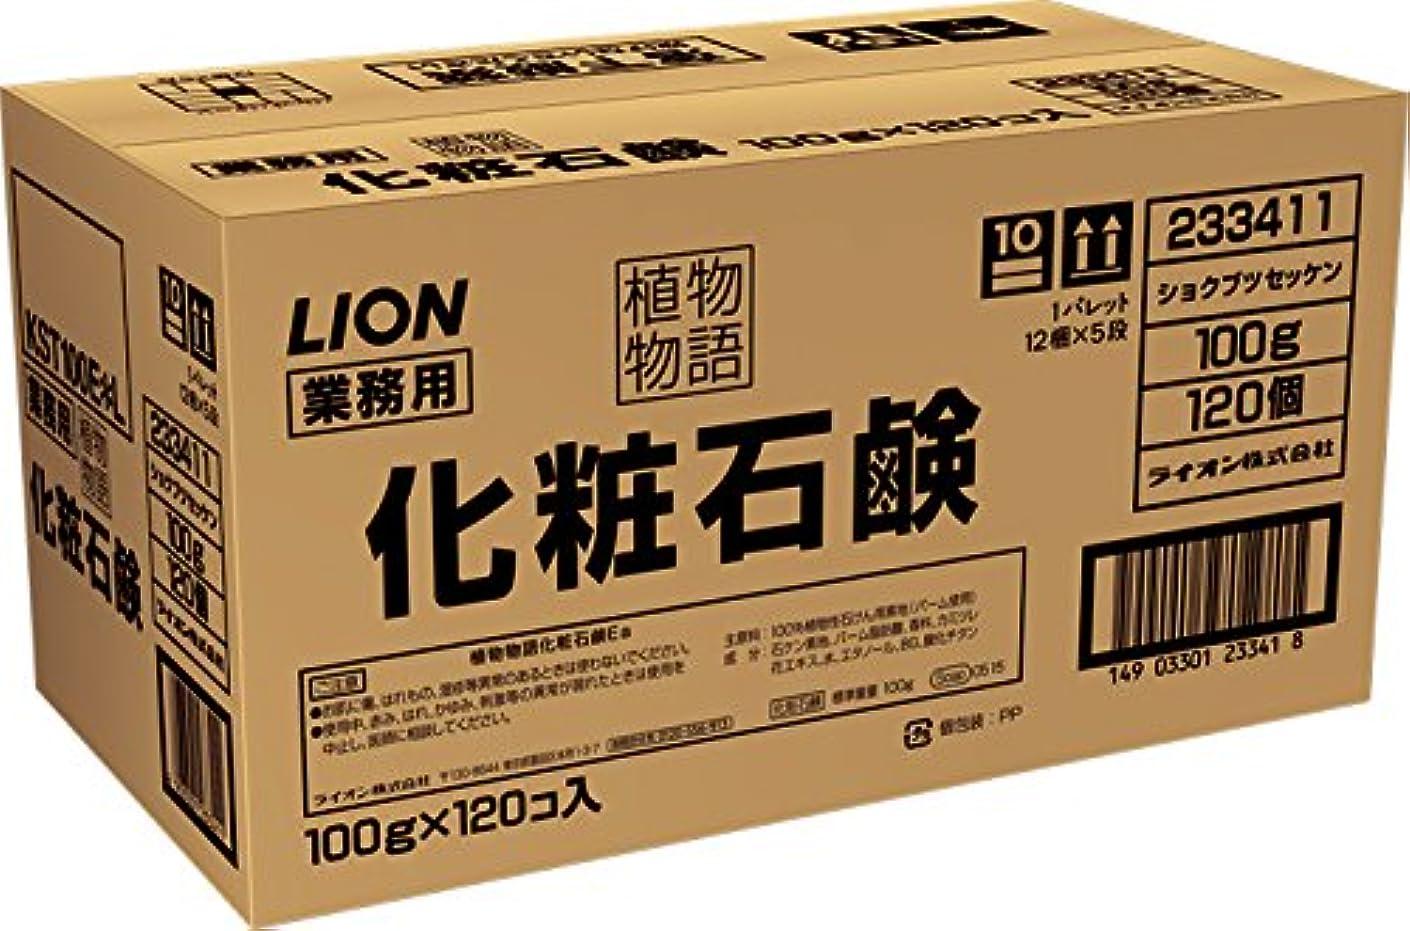 方向徹底的に十ライオン 業務用石鹸 植物物語 100g×120個入